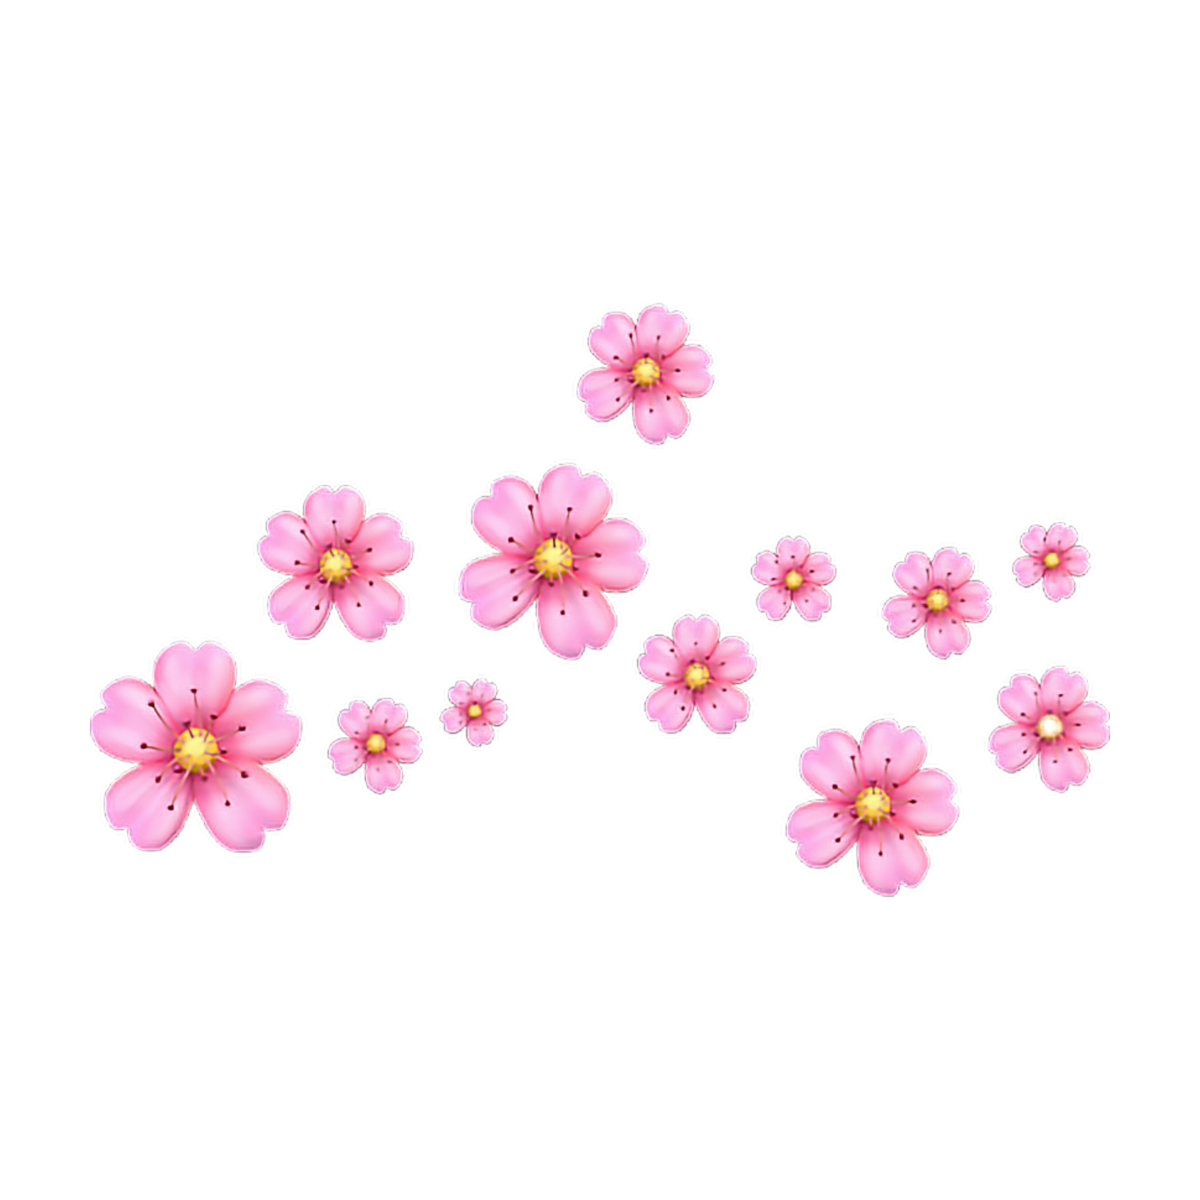 картинка мелкие цветочки на белом фоне делает любого